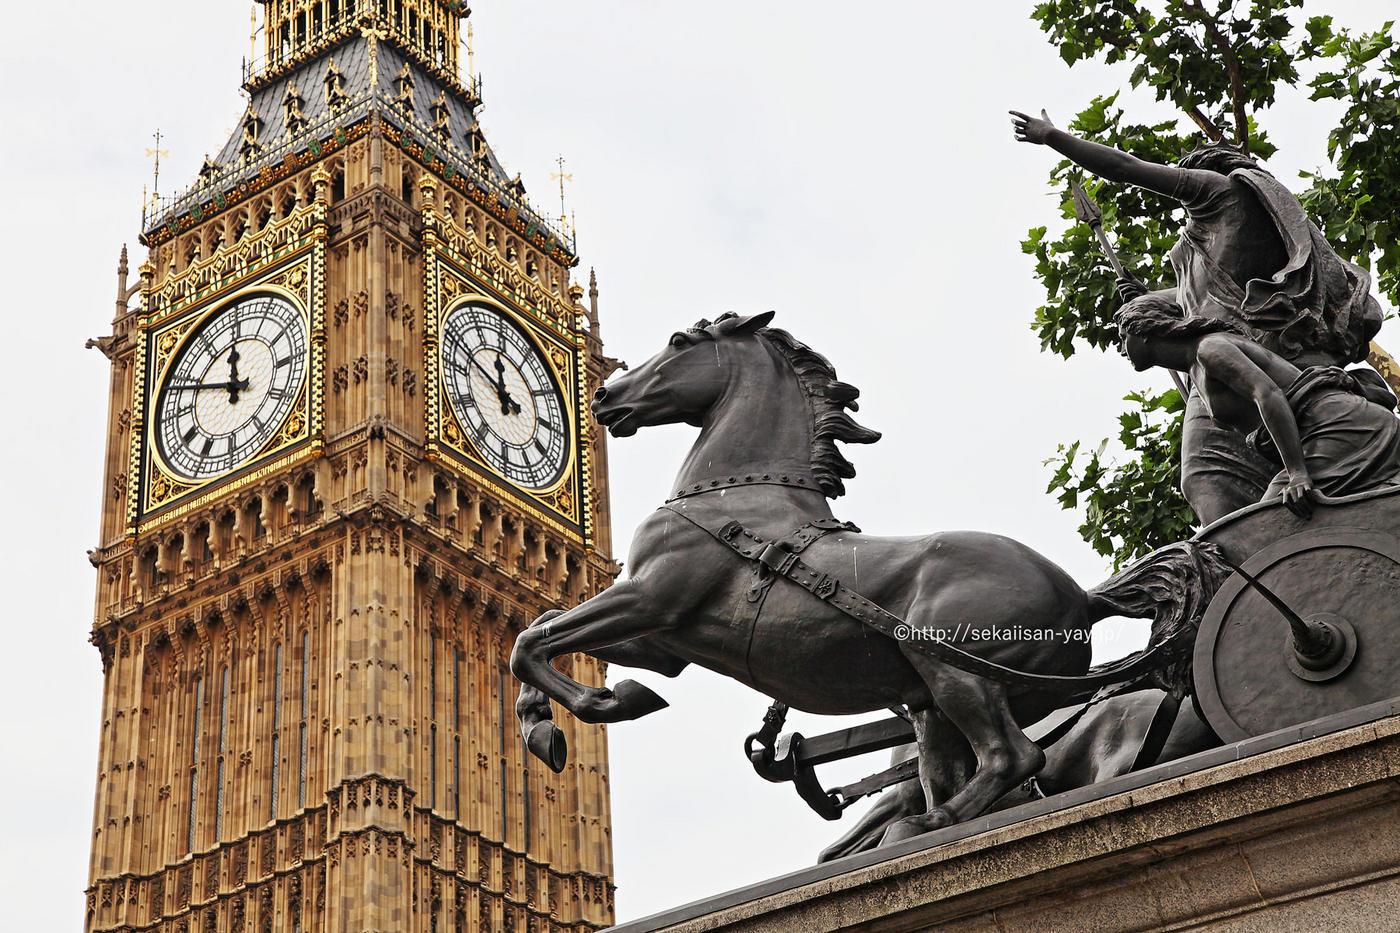 イギリスの世界遺産「ウェストミンスター宮殿、ウェストミンスター大寺院及び聖マーガレット教会」